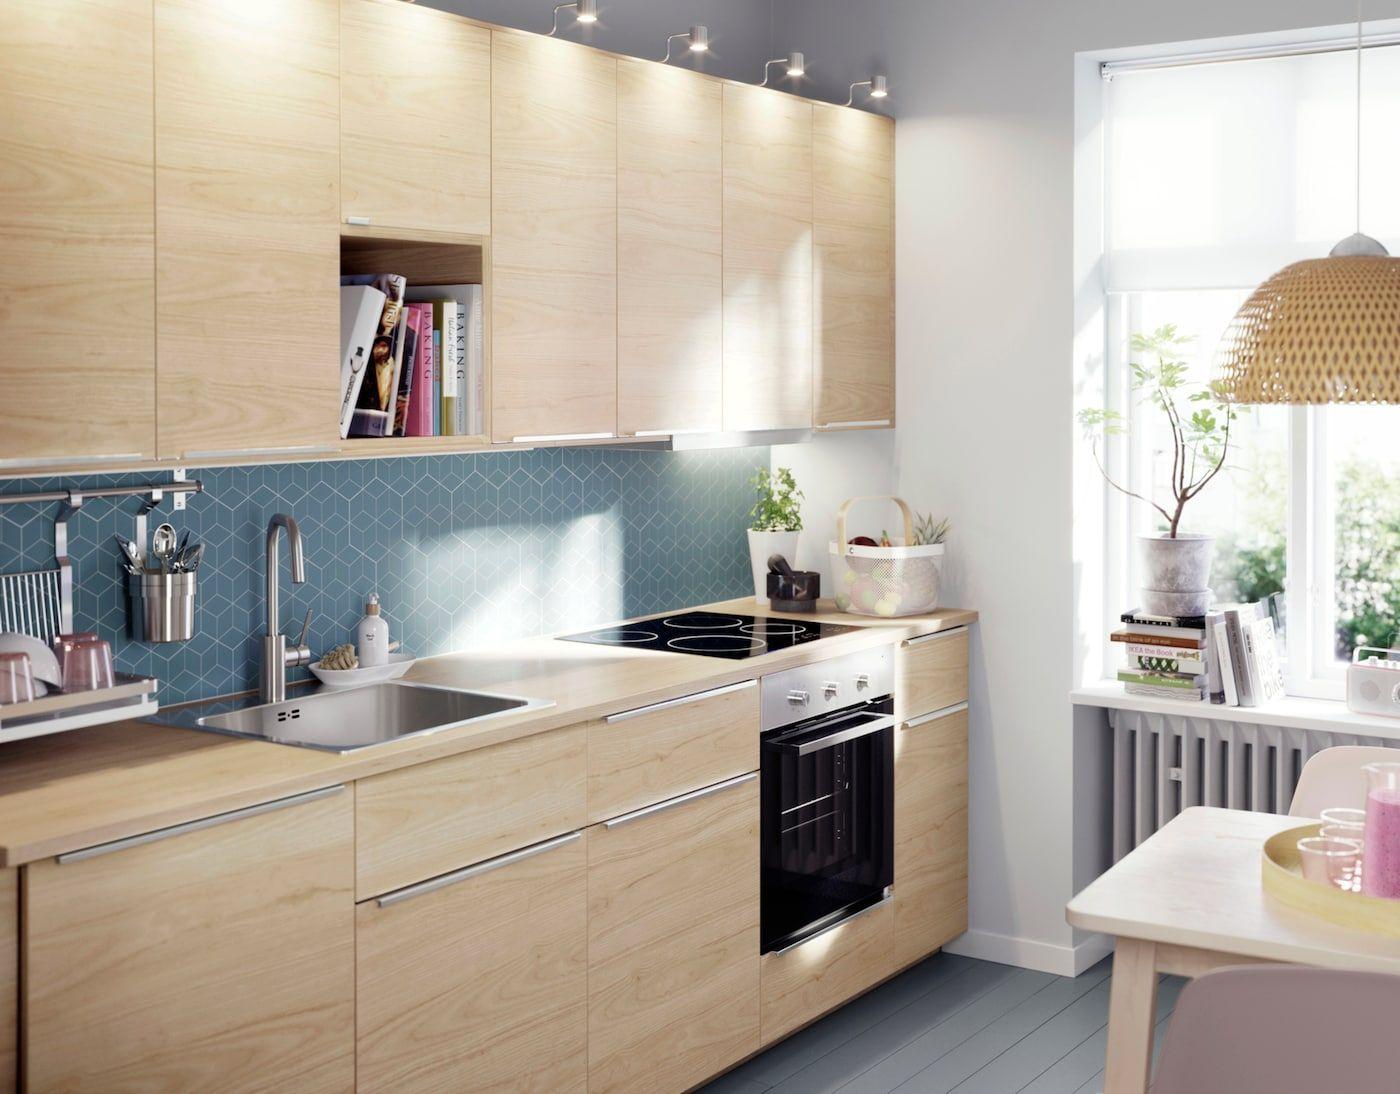 bilder av askersund kj kken kitchen dining dining and interiors. Black Bedroom Furniture Sets. Home Design Ideas